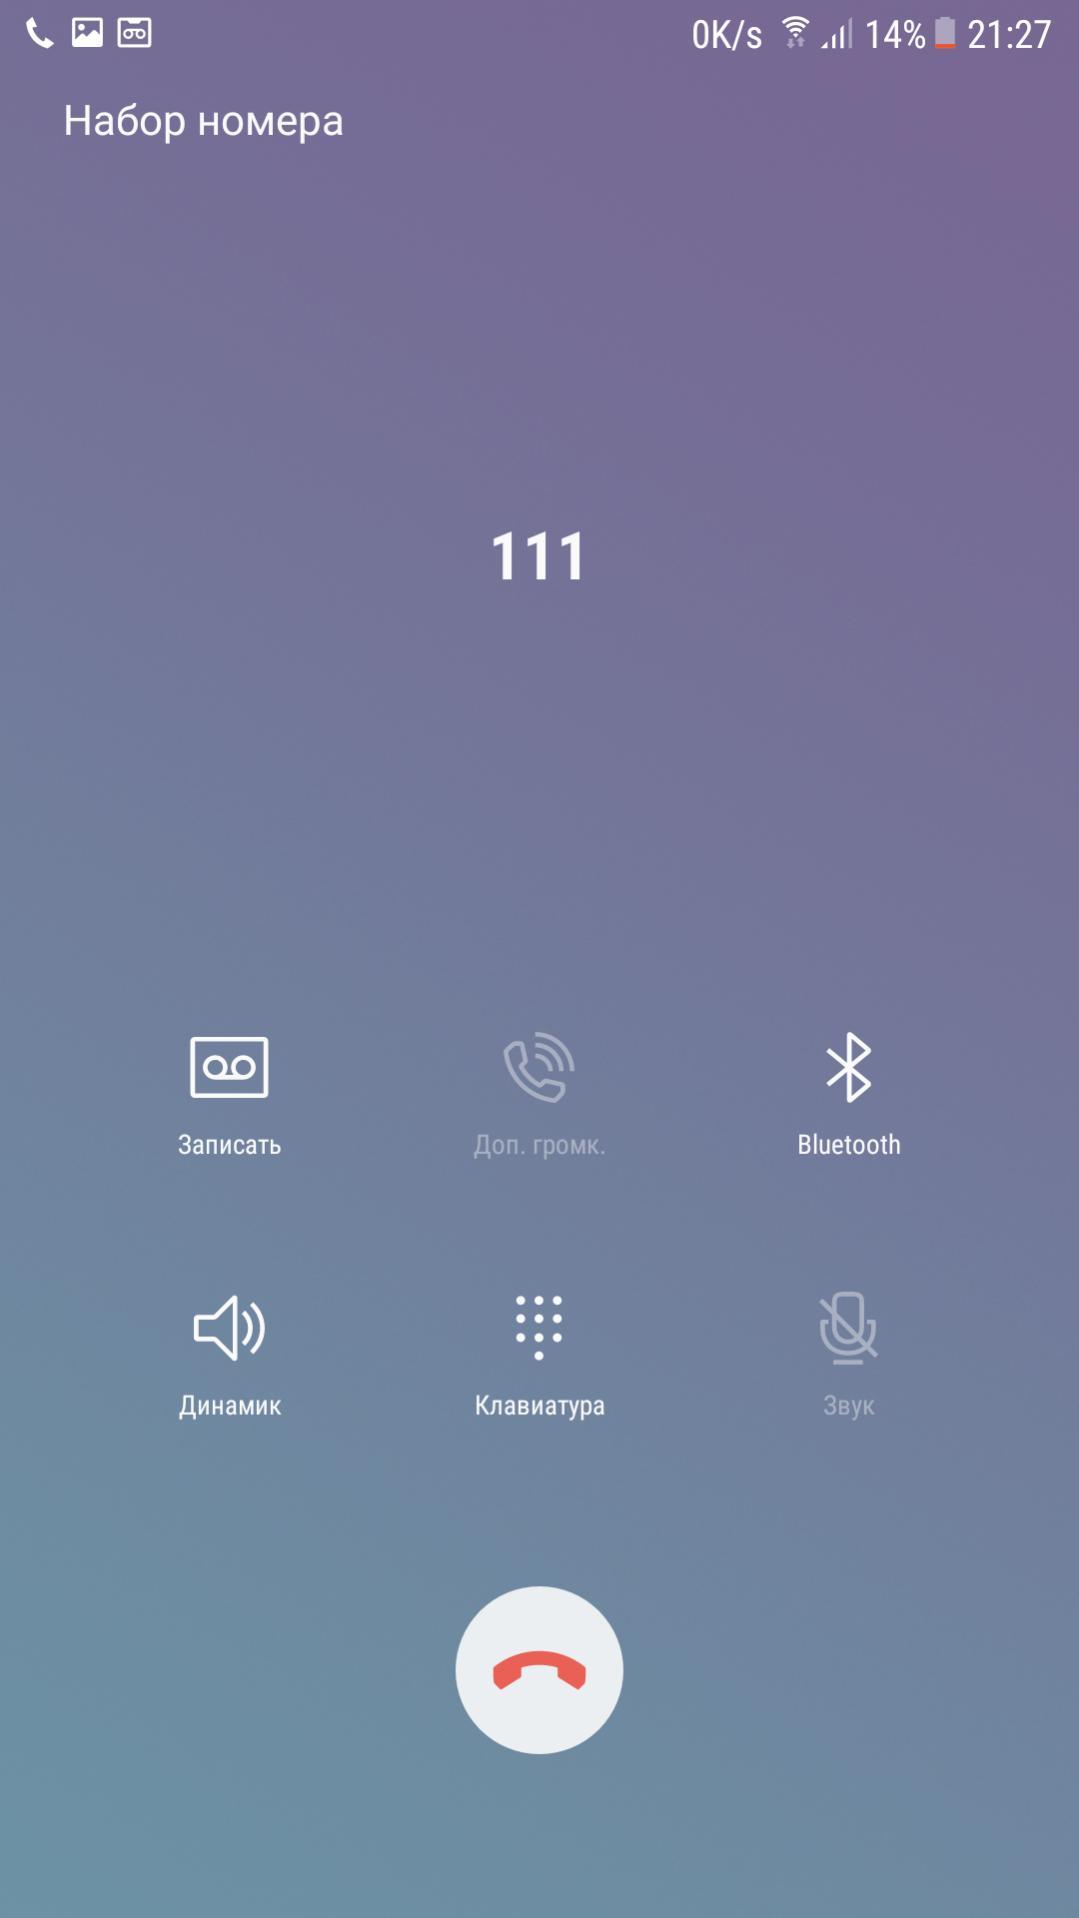 samsung galaxy a5 2019 android 7.0 nougat